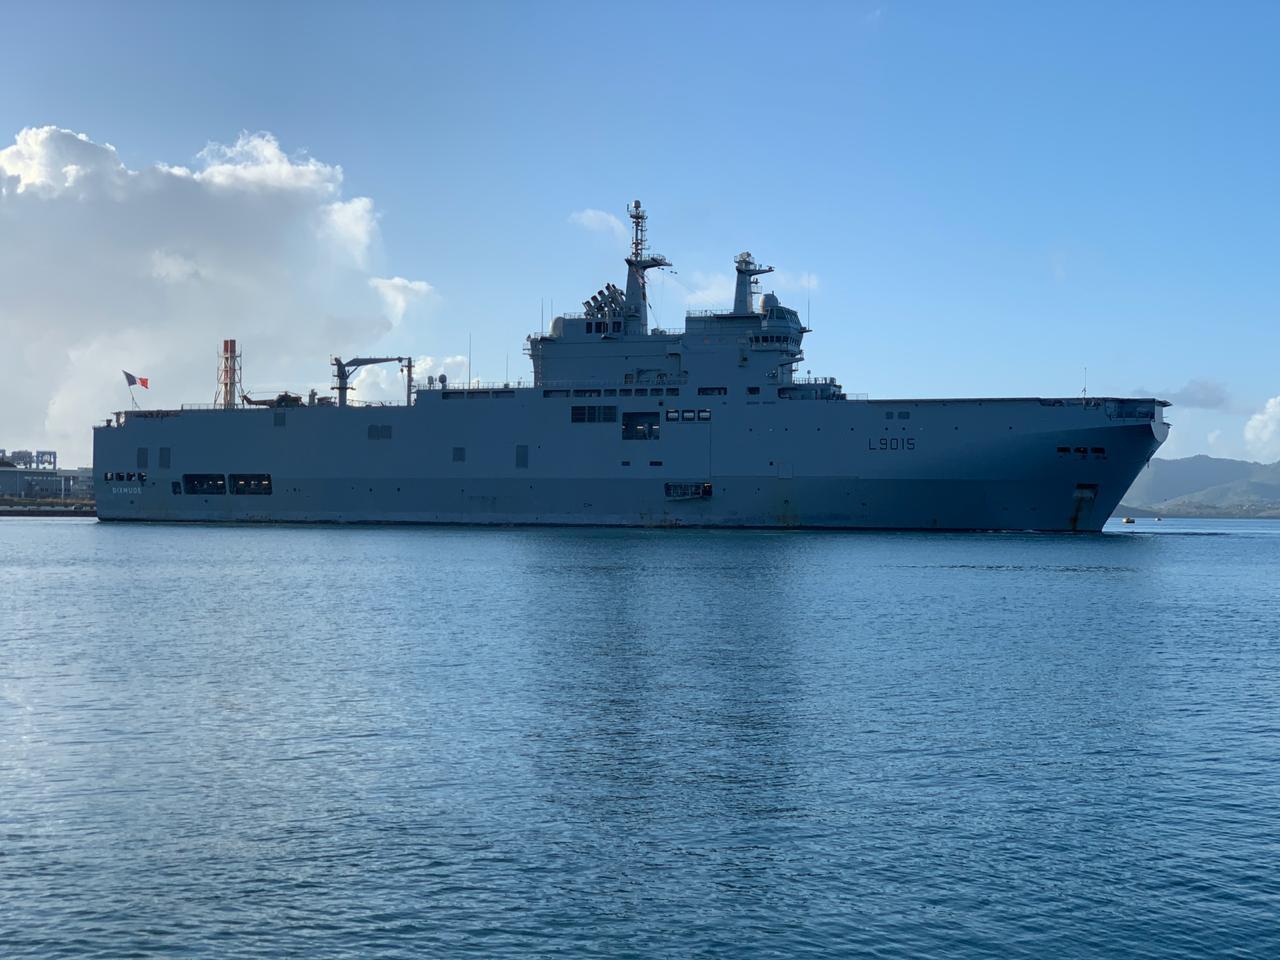 Une cellule militaire de coopération internationale pour les Caraïbes